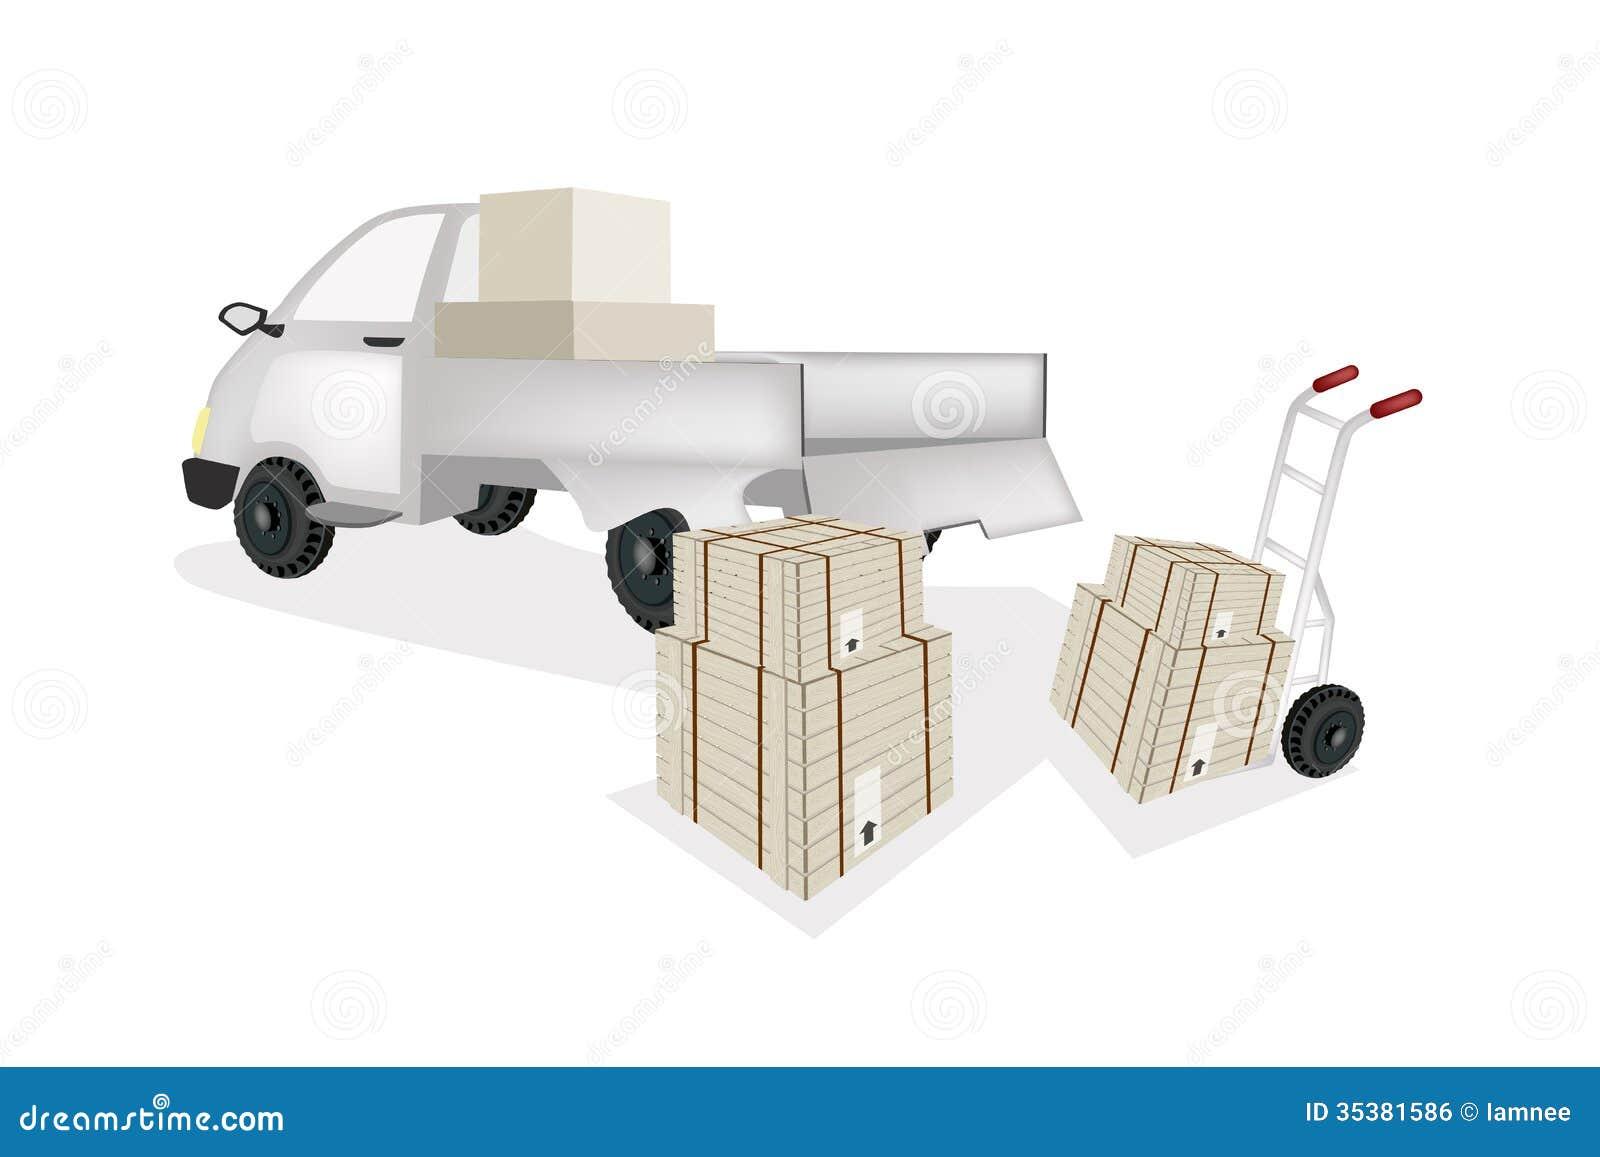 Hand-LKW-Laden-Versand-Kasten In Kleintransporter Vektor Abbildung ...